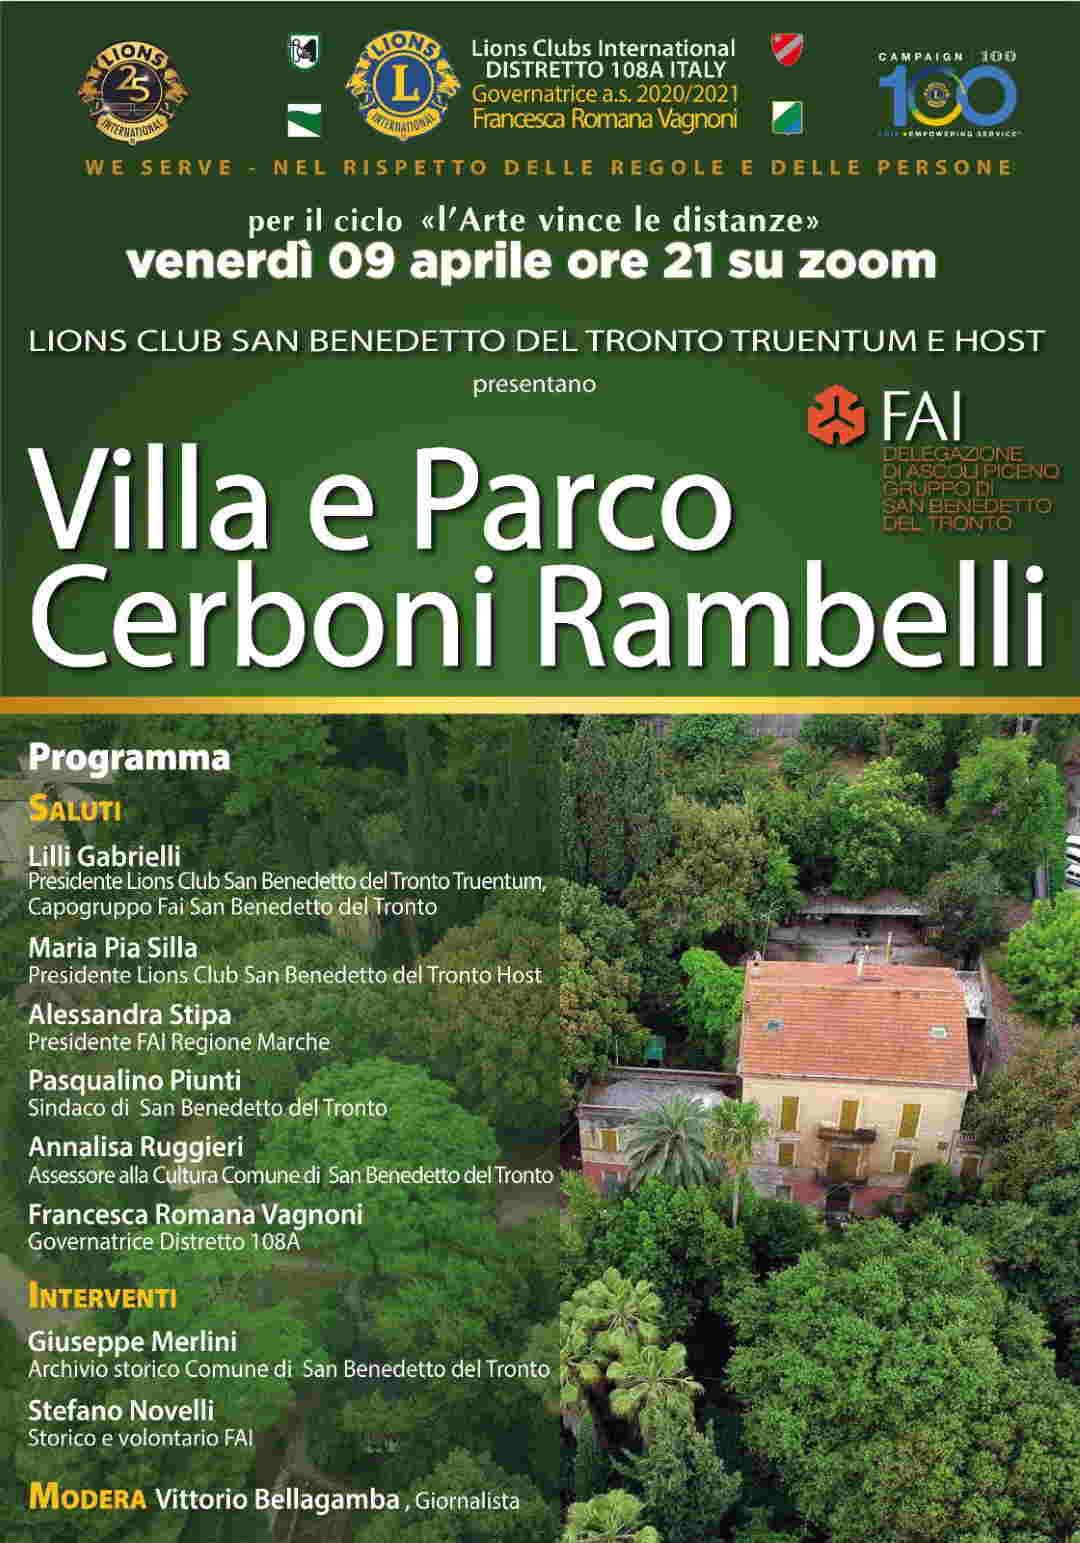 Villa e Parco Cerboni Rambelli un patrimonio di San Benedetto